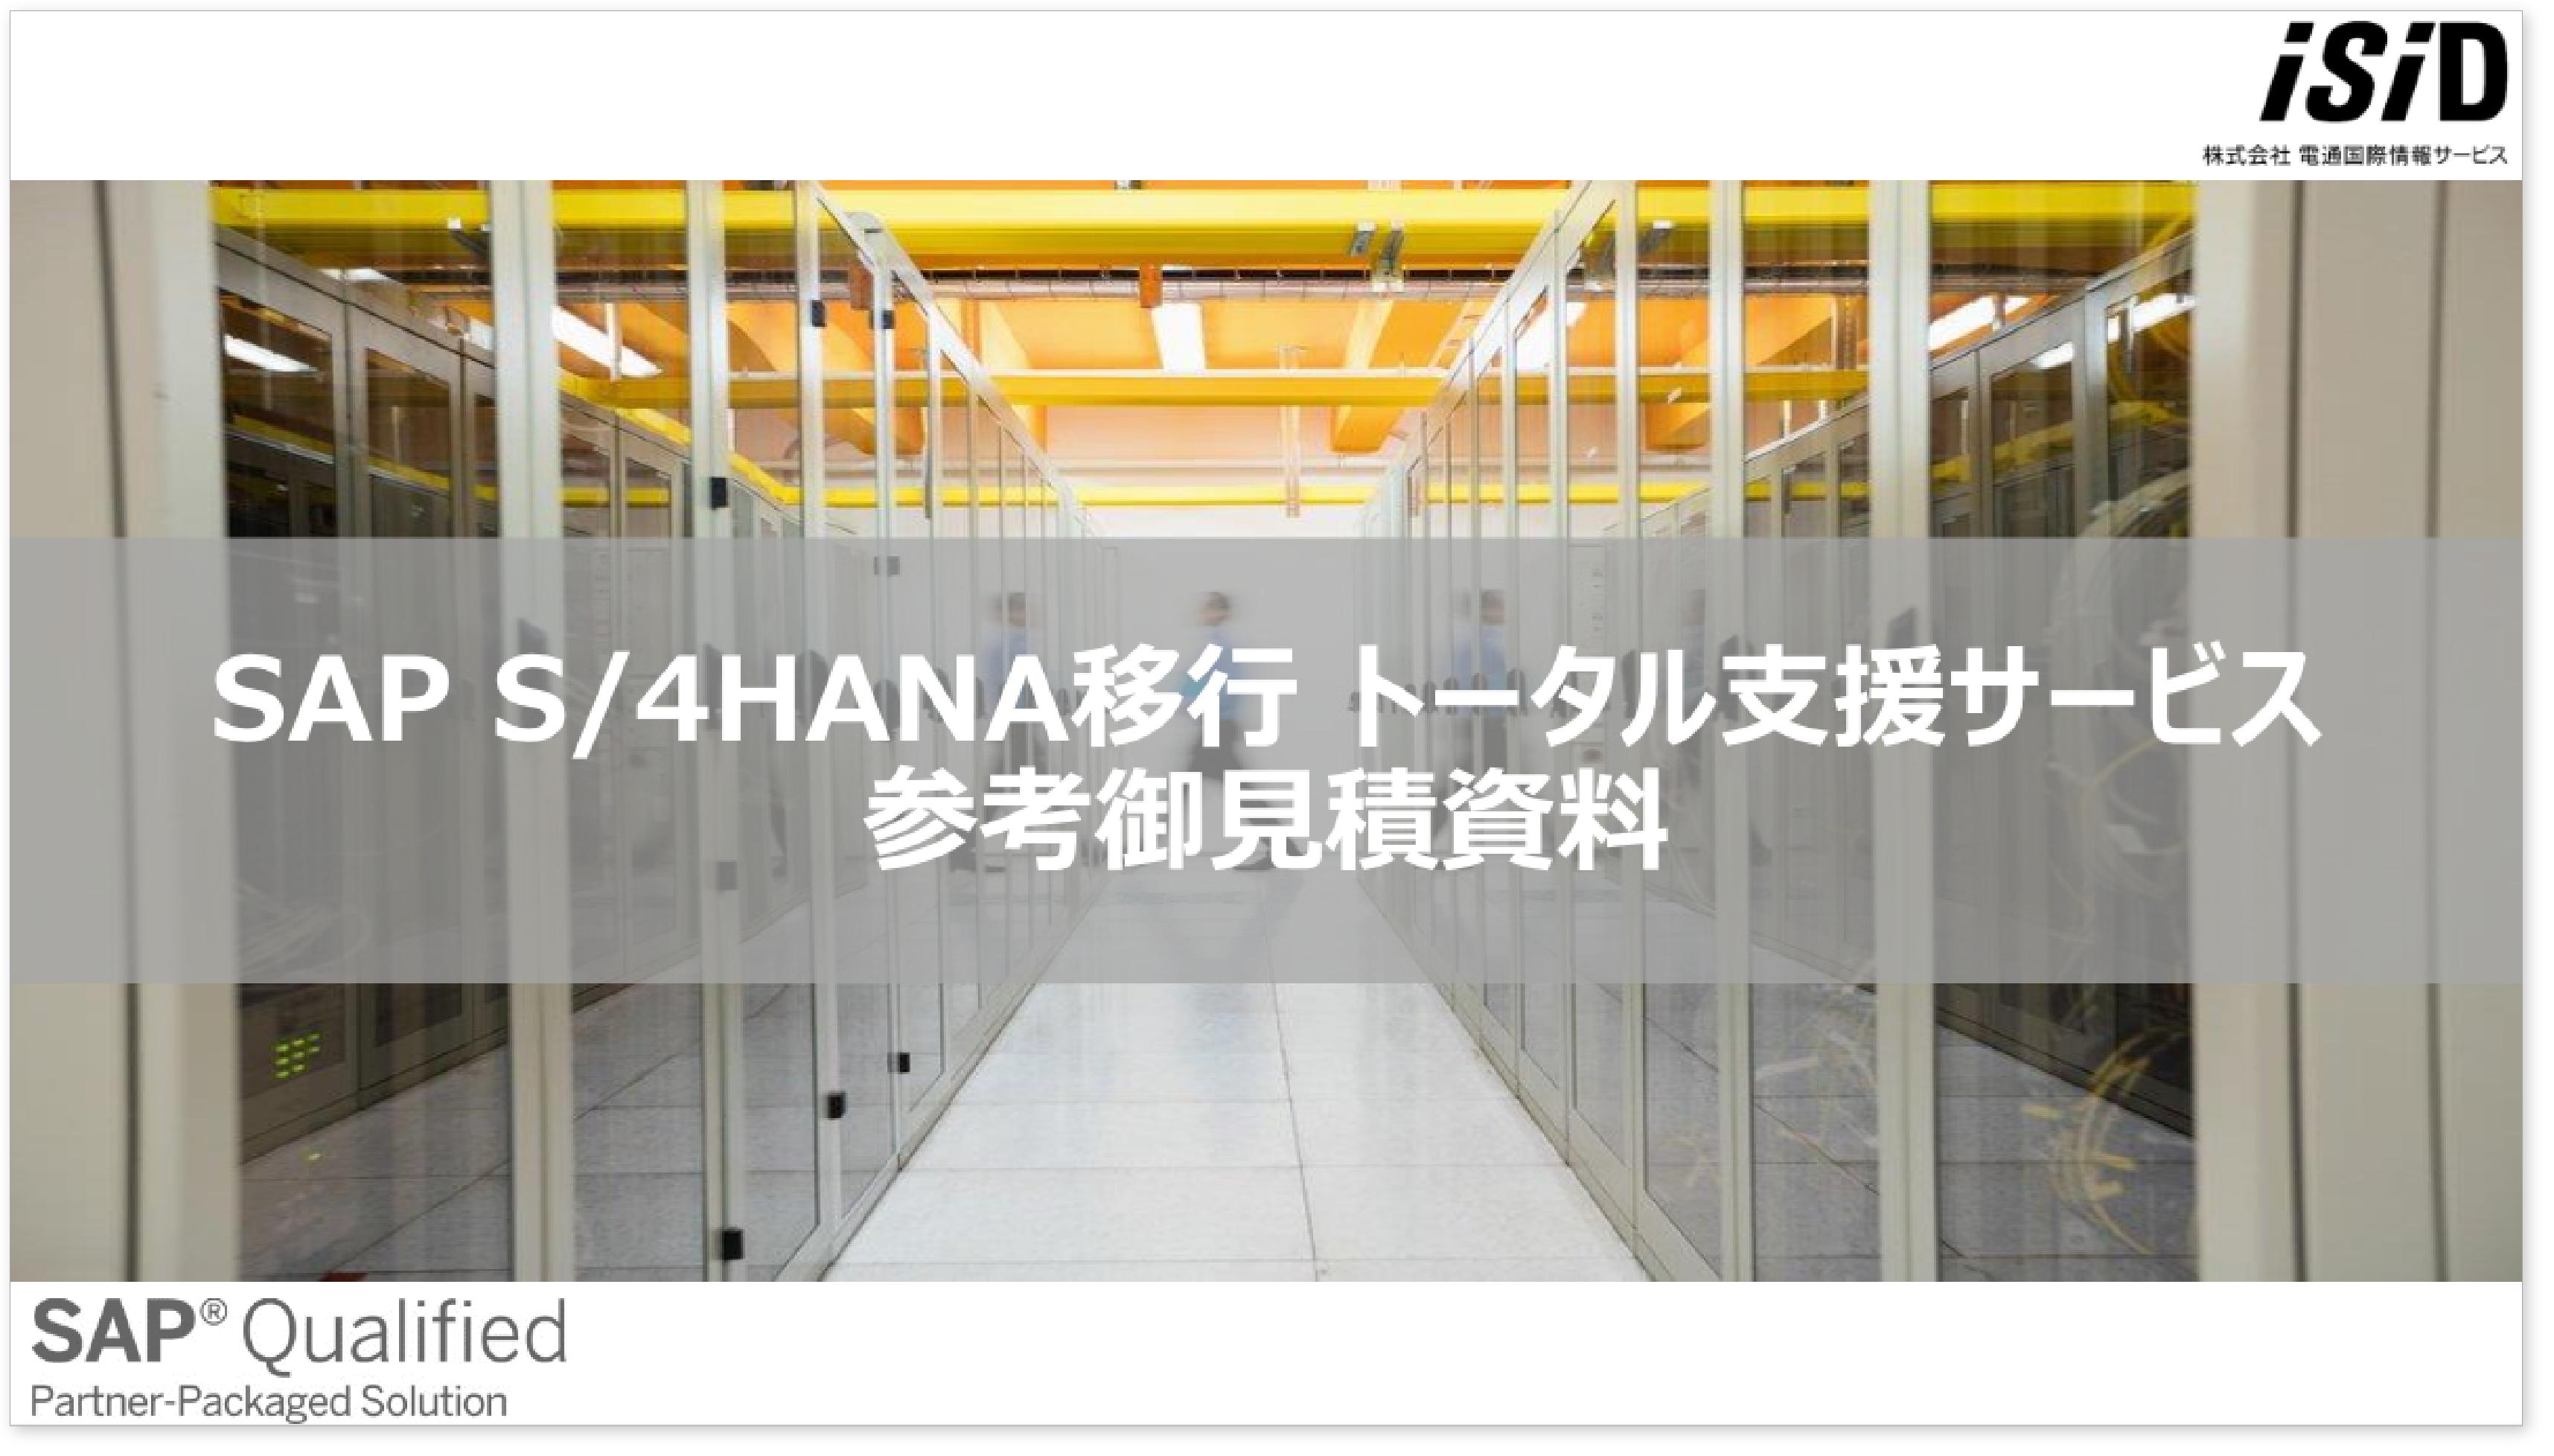 [参考御見積資料] SAP S/4HANA移行トータルサービス